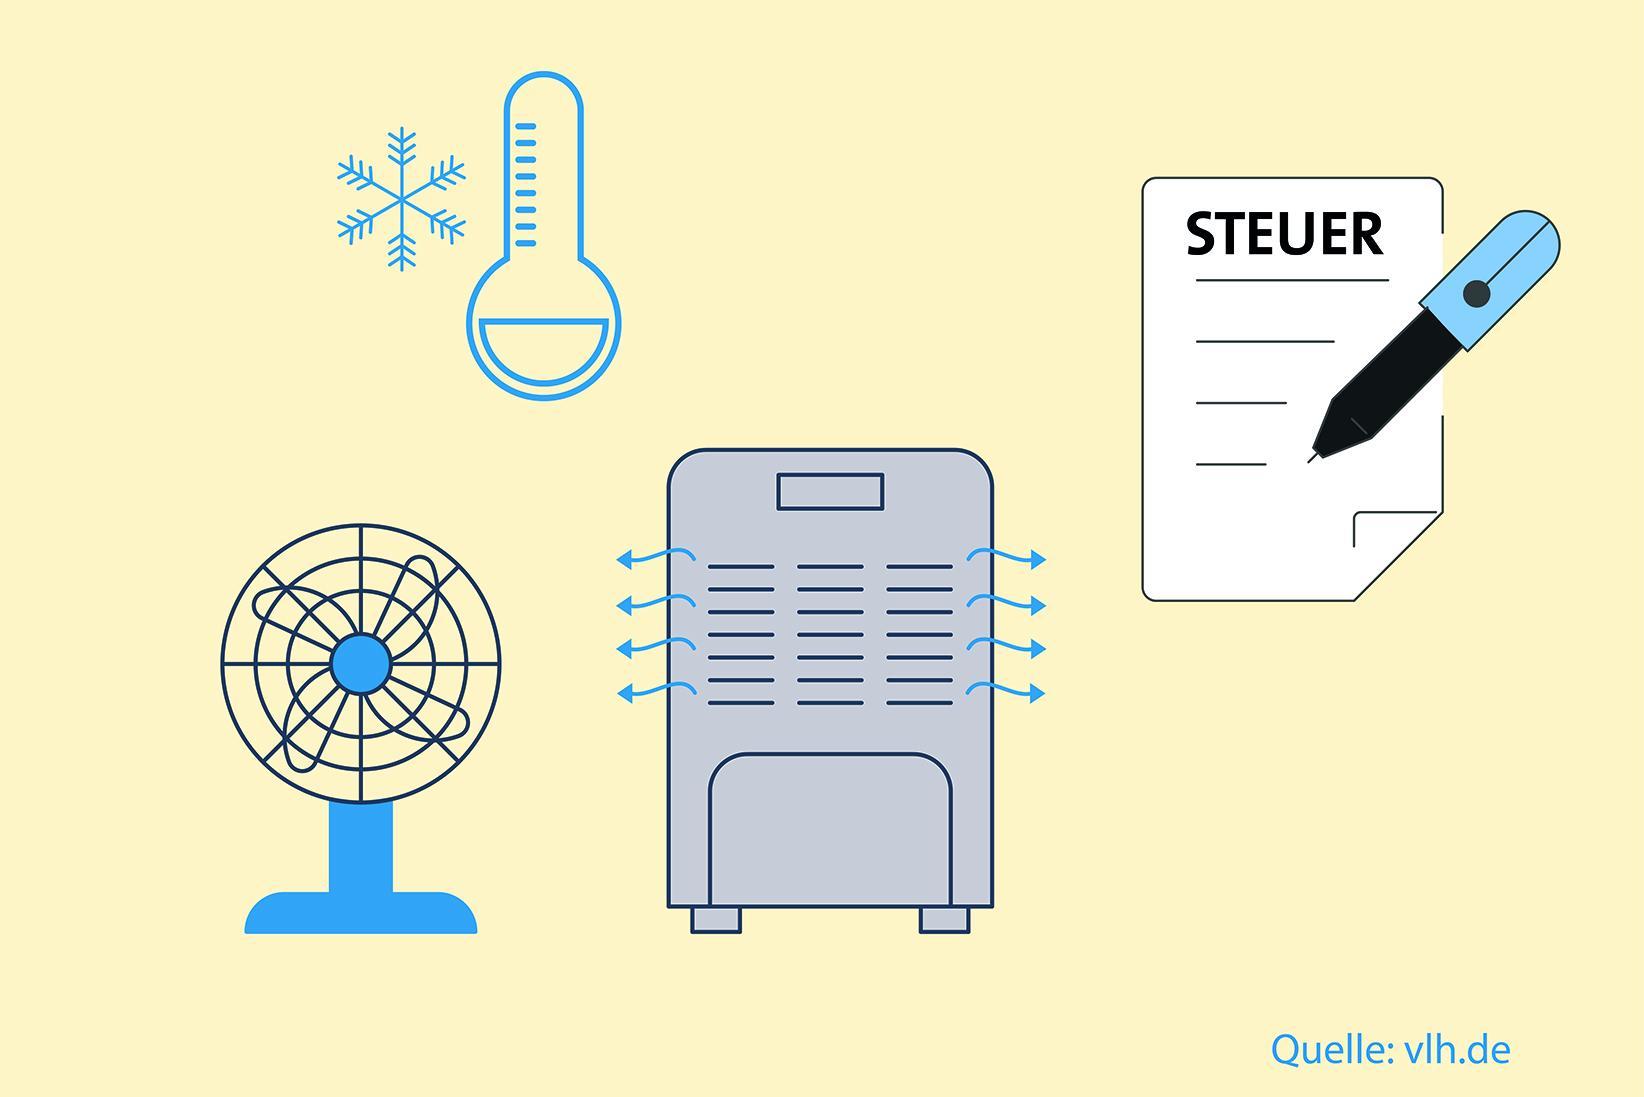 klimaanlage oder ventilator von der steuer absetzen geht das presseportal. Black Bedroom Furniture Sets. Home Design Ideas